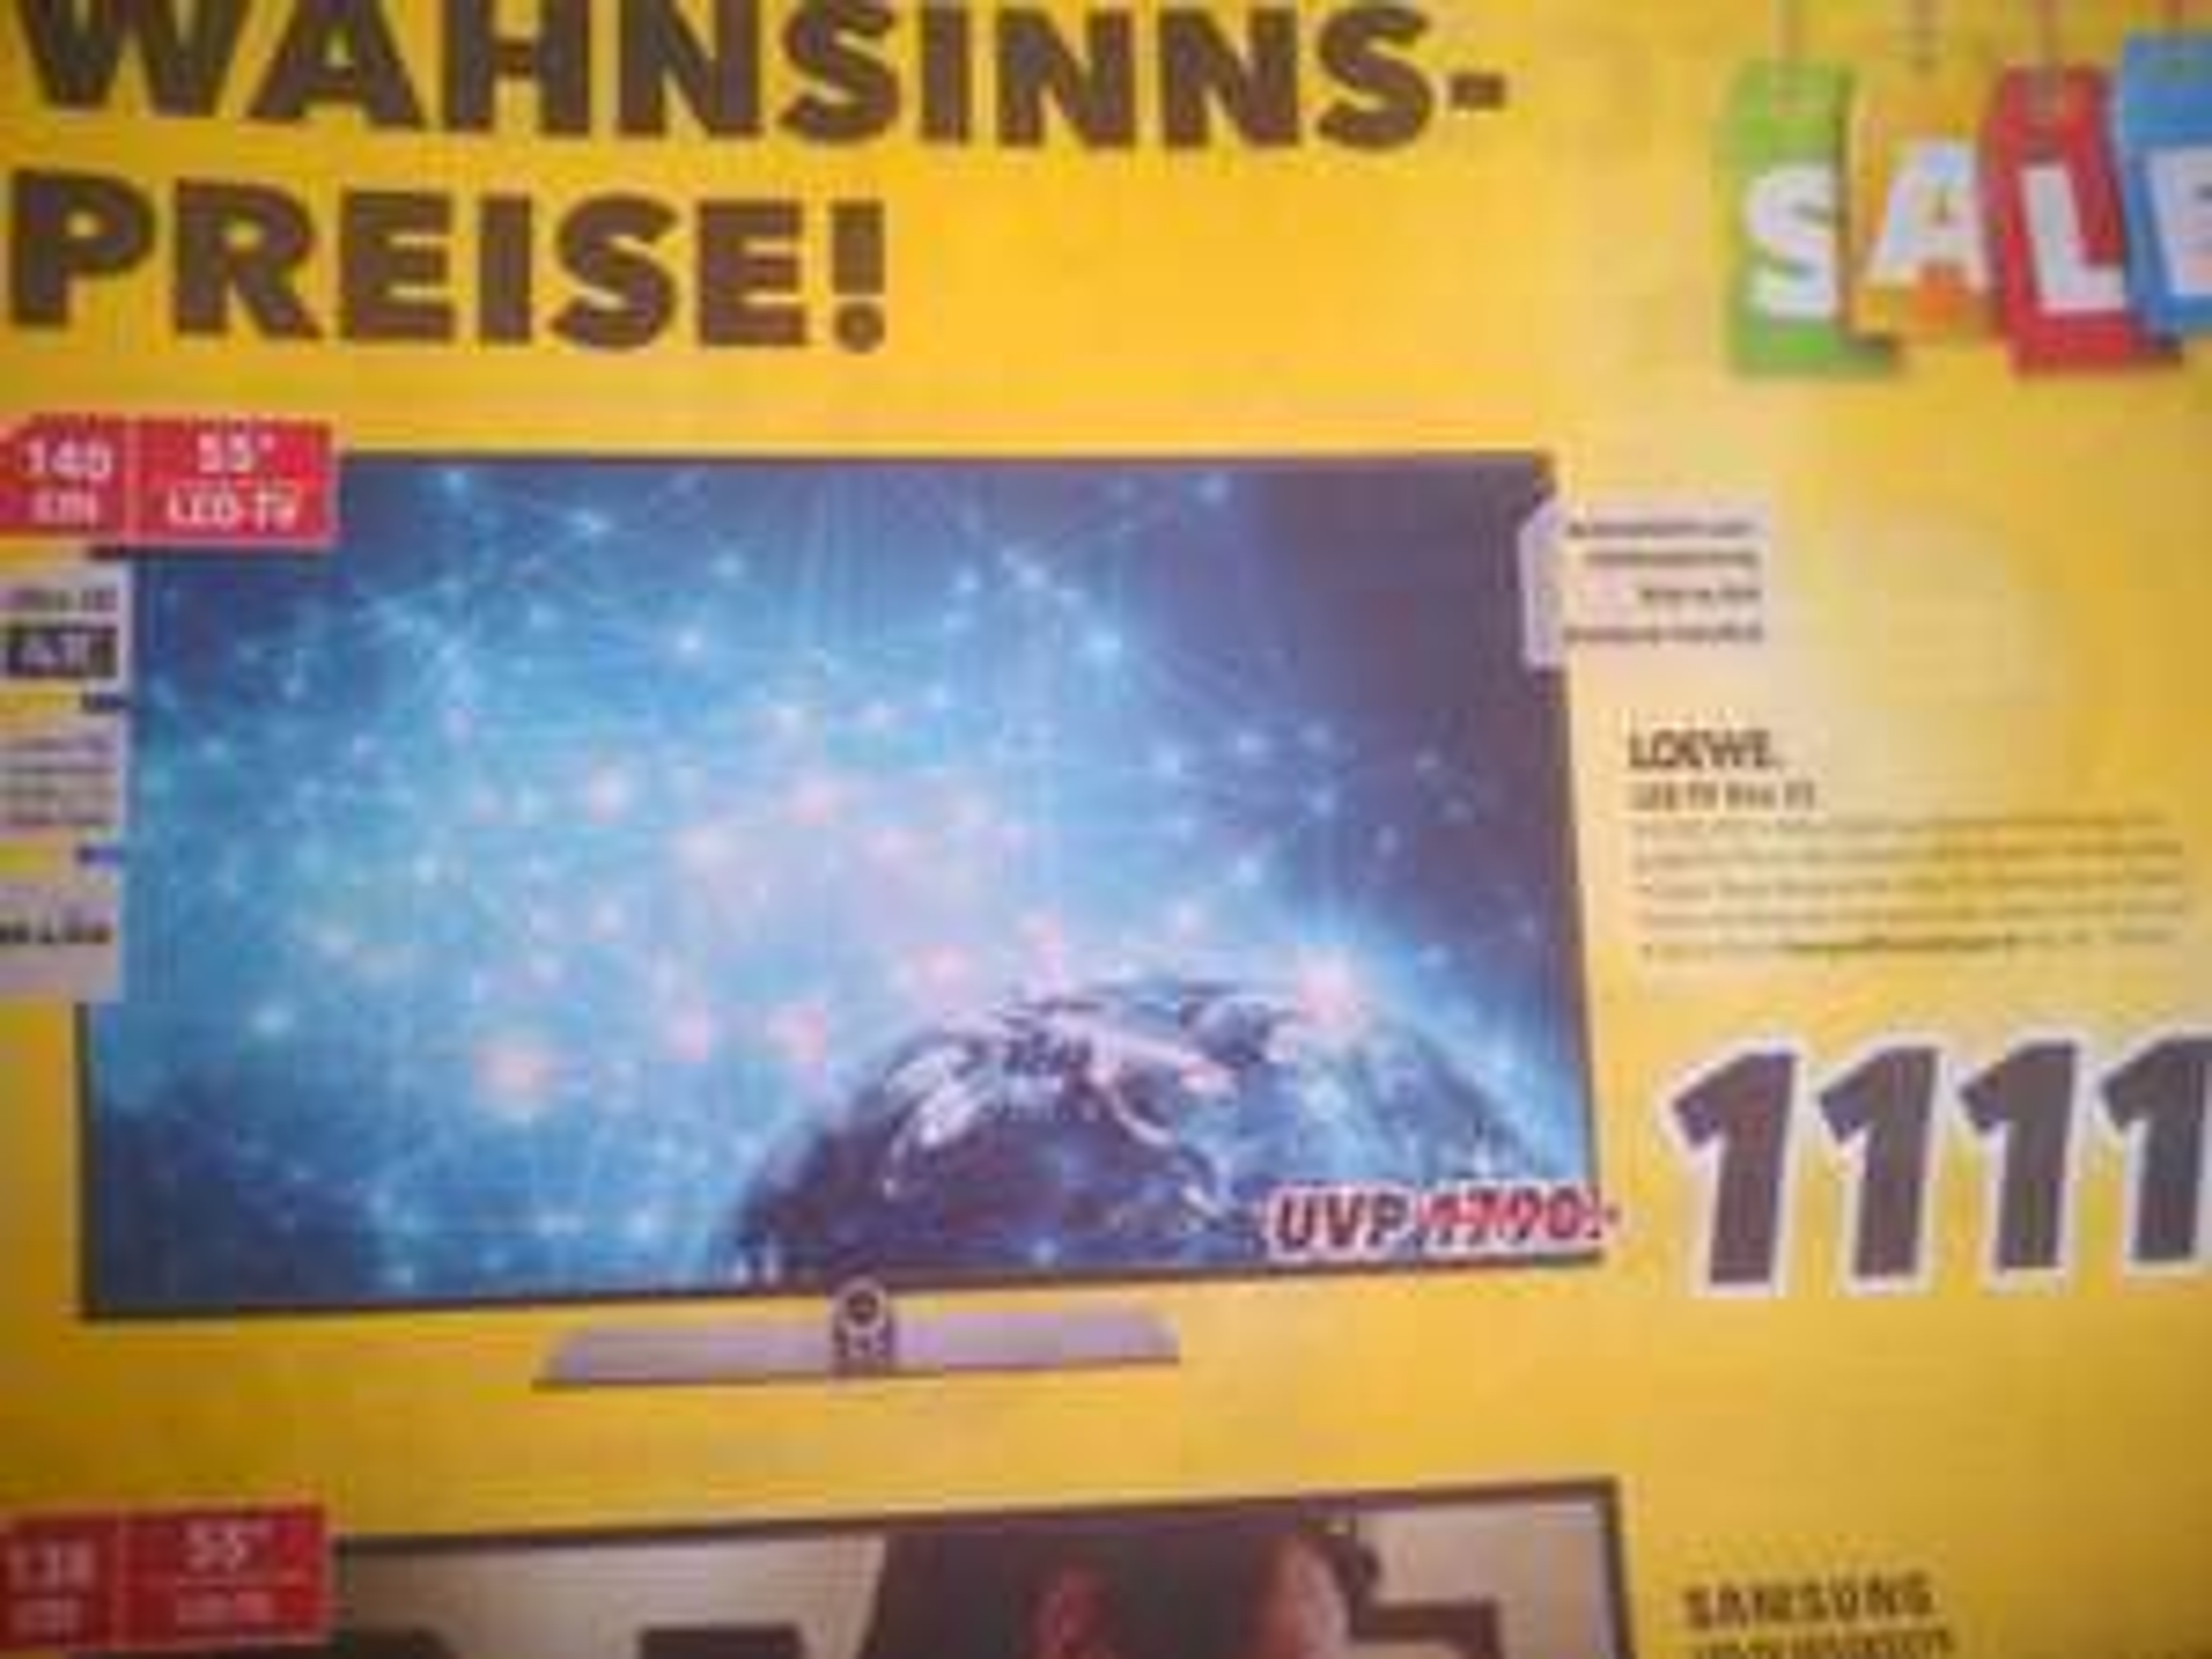 (Lokal) Medimax Fürstenau Loewe Led-Tv One 55 für 1111€ statt 1590€